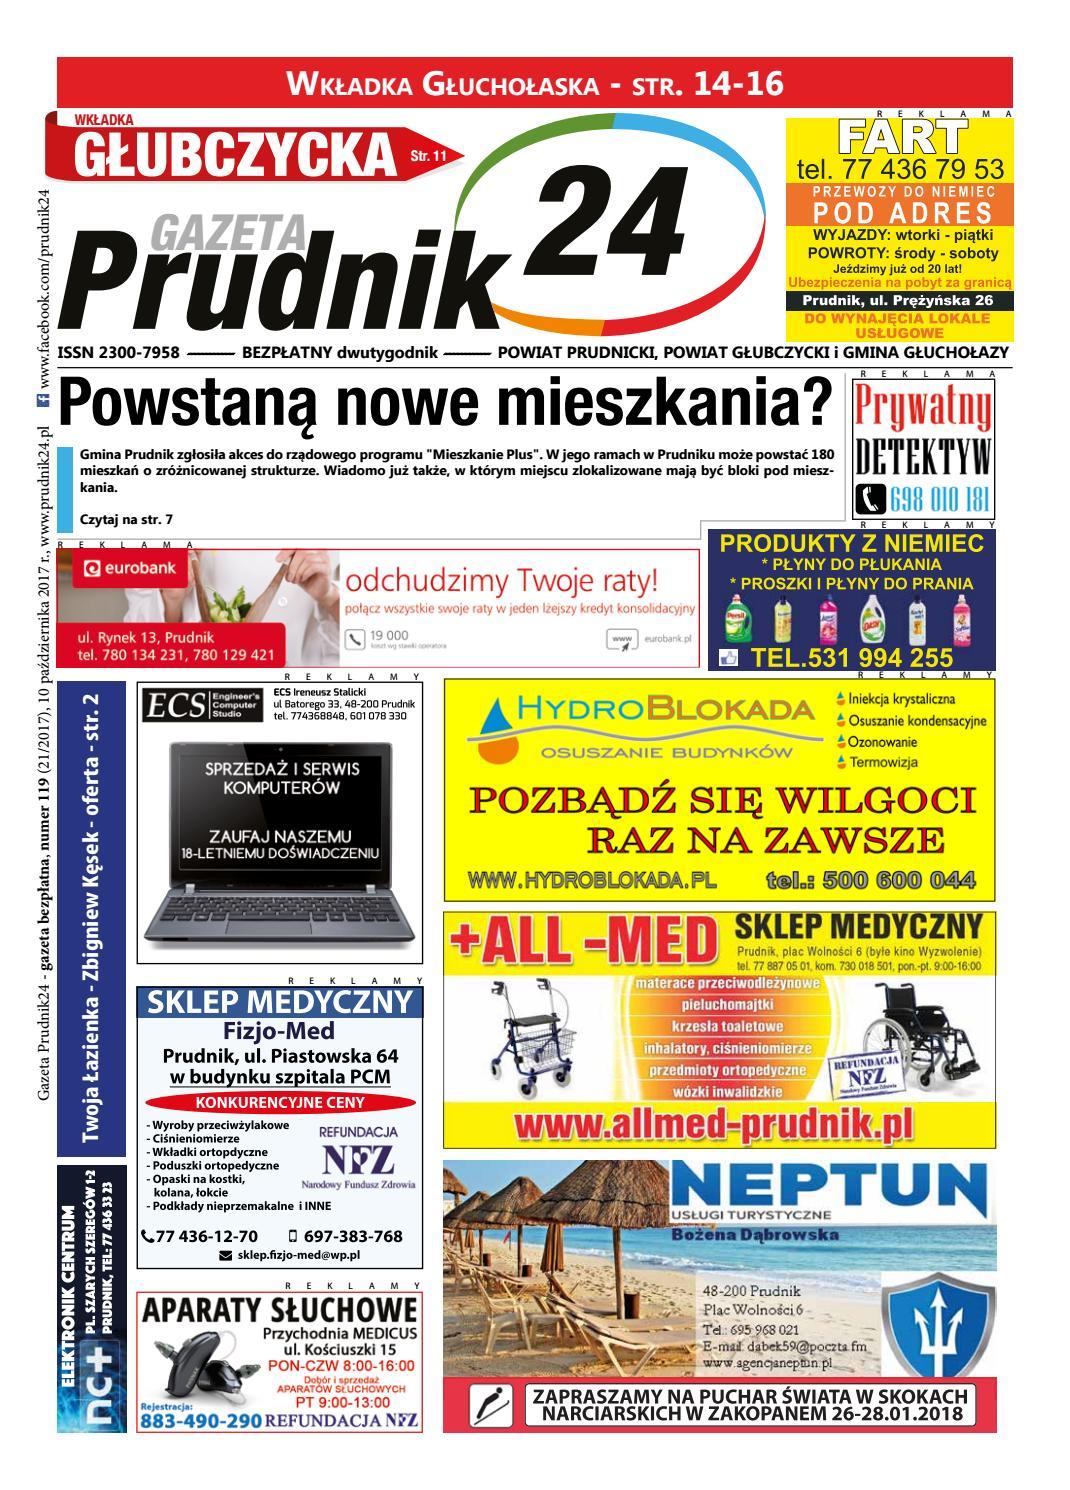 Naprzd Czyowice - Czyowice - vemale.club - portal, gazeta